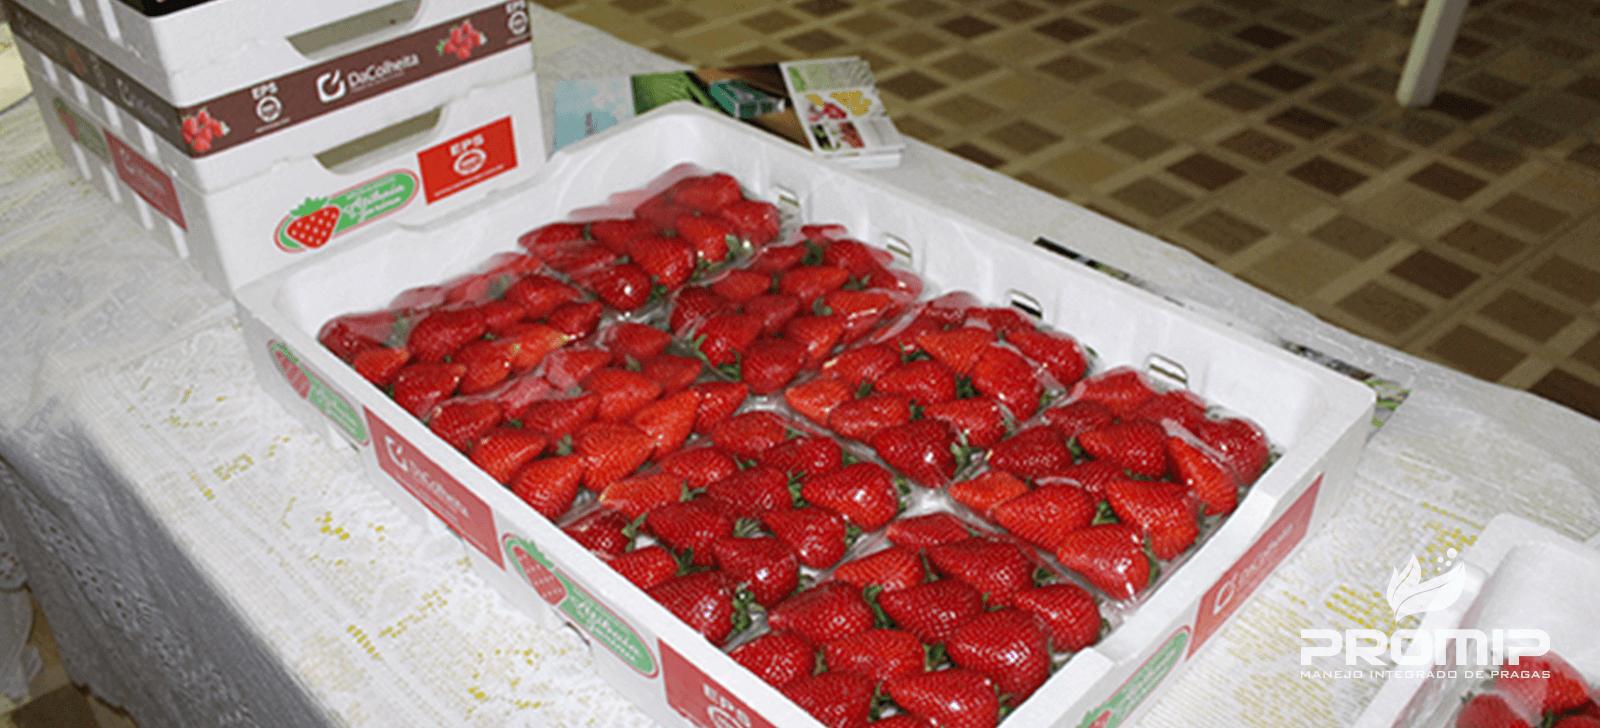 Inovações Promip são apresentadas para produtores de morango no Sul de Minas Gerais